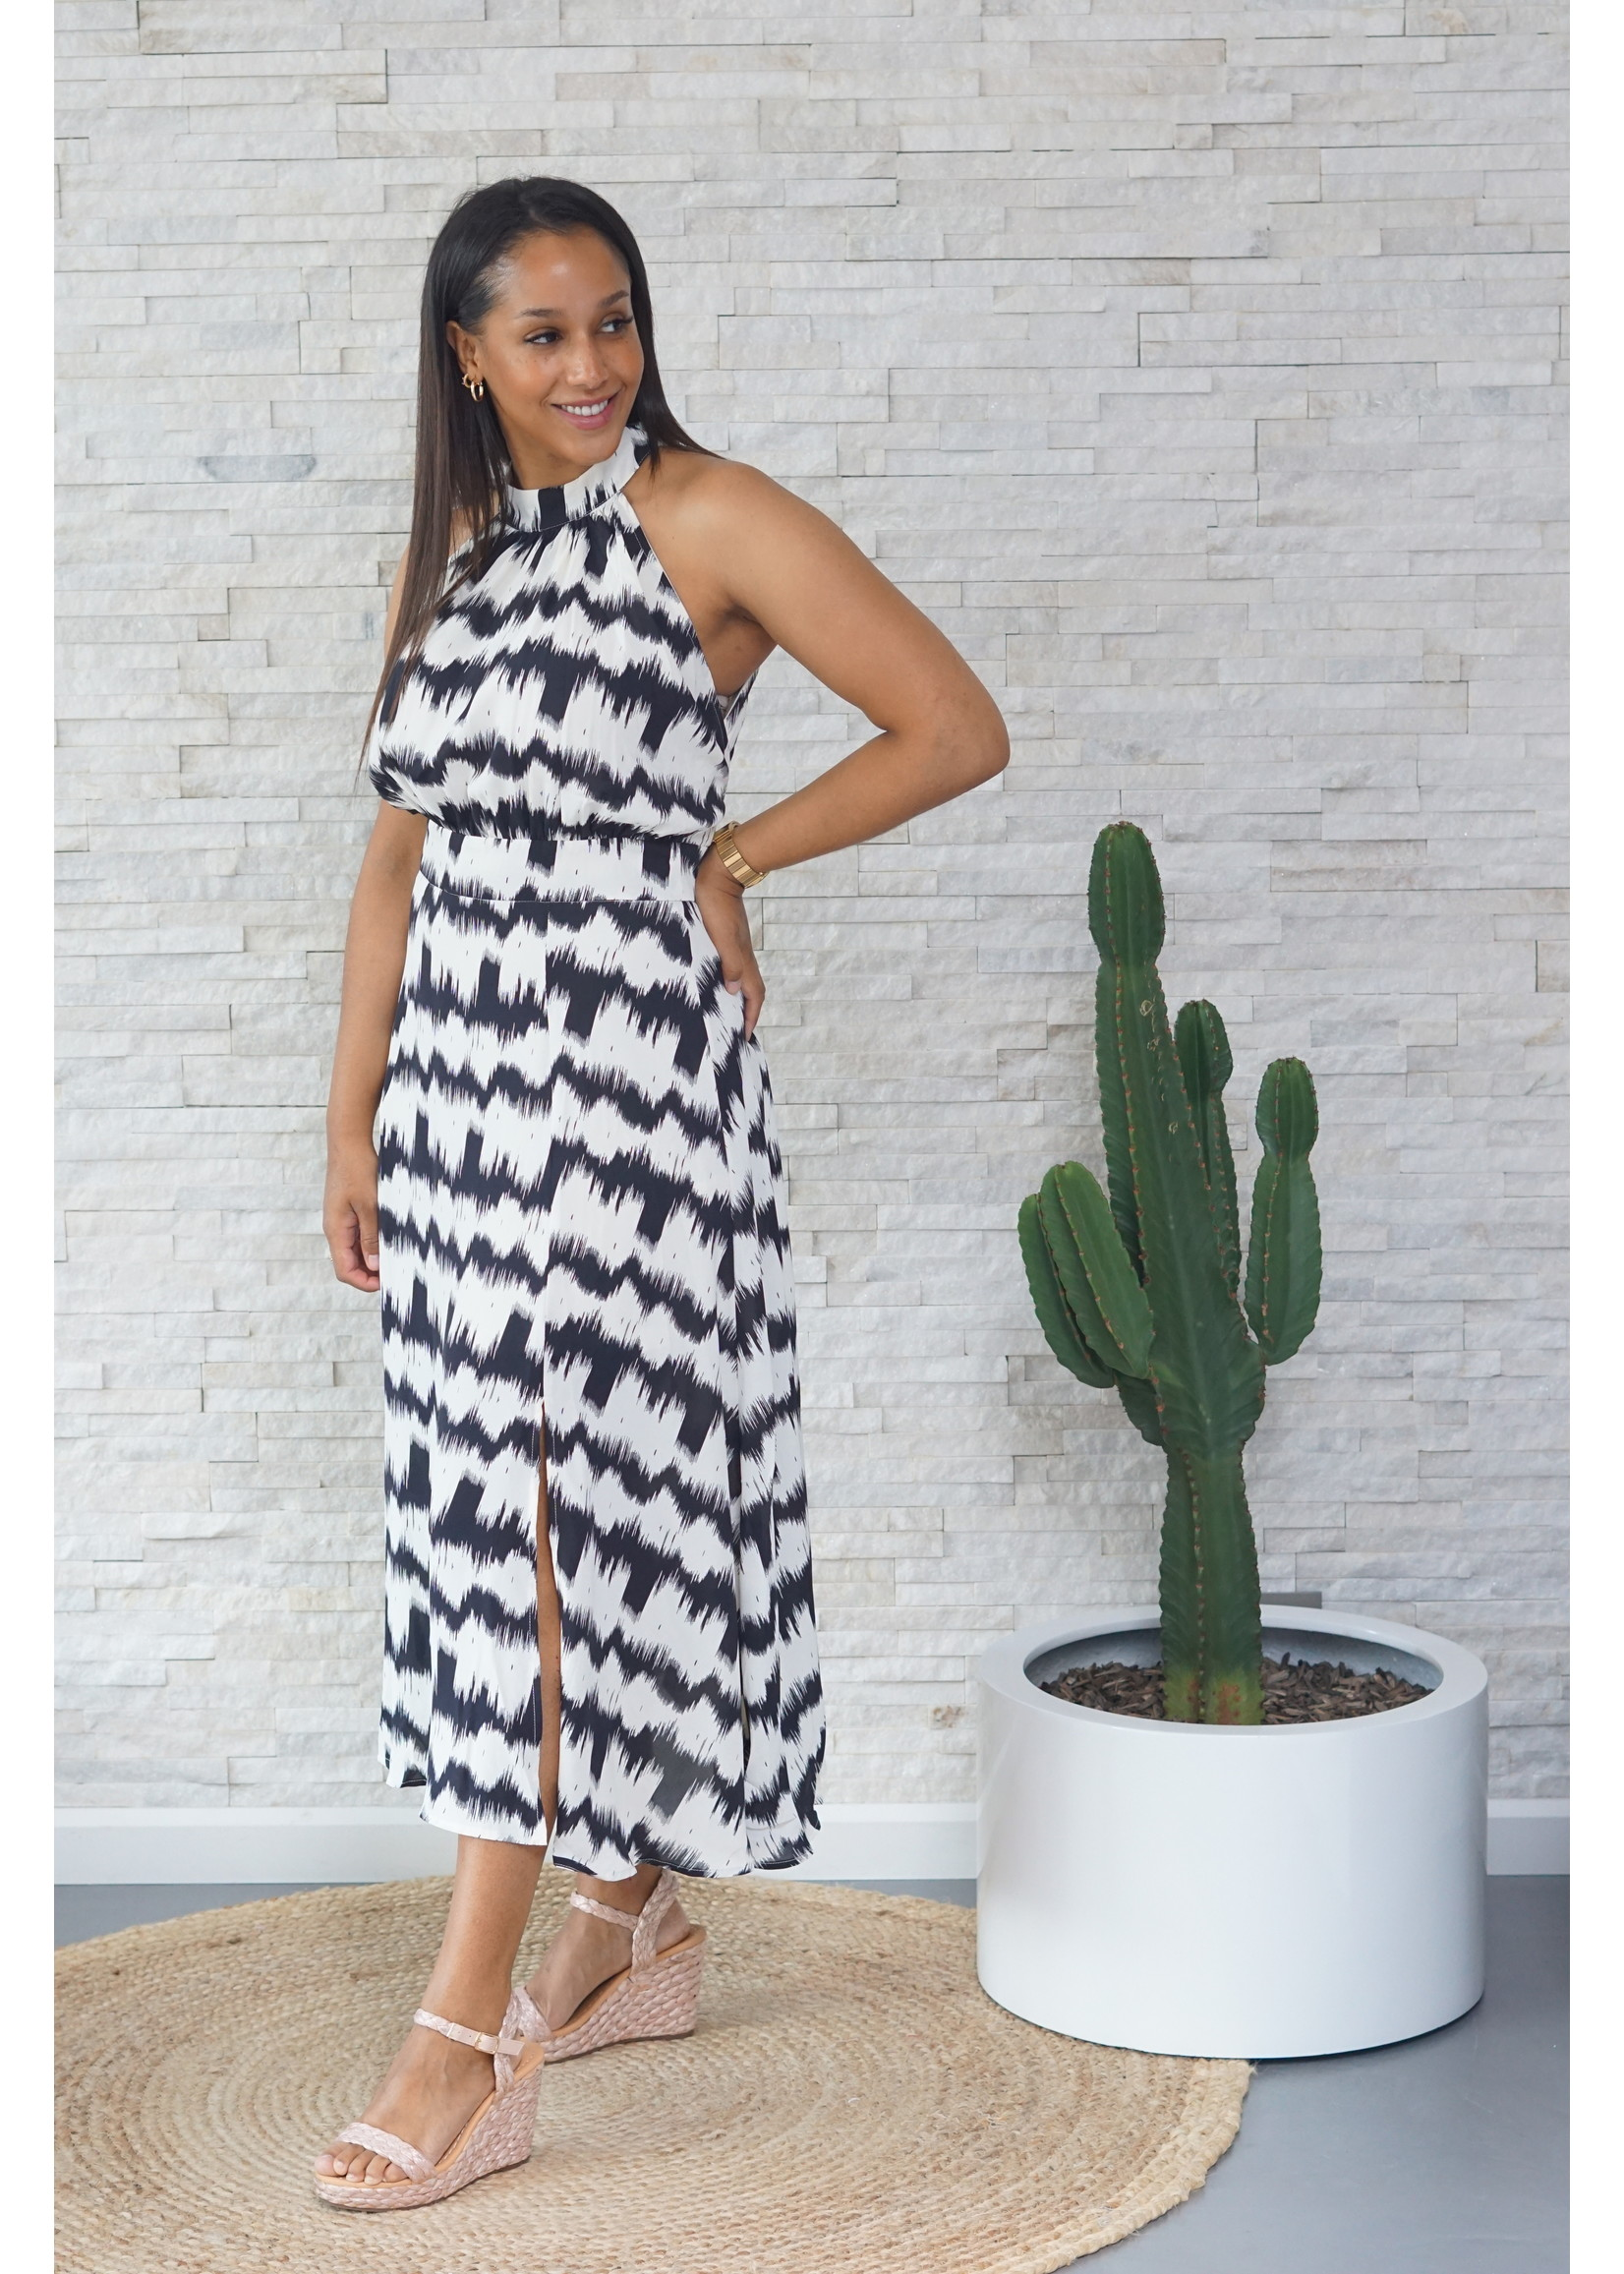 Lofty Manner Dress black/white